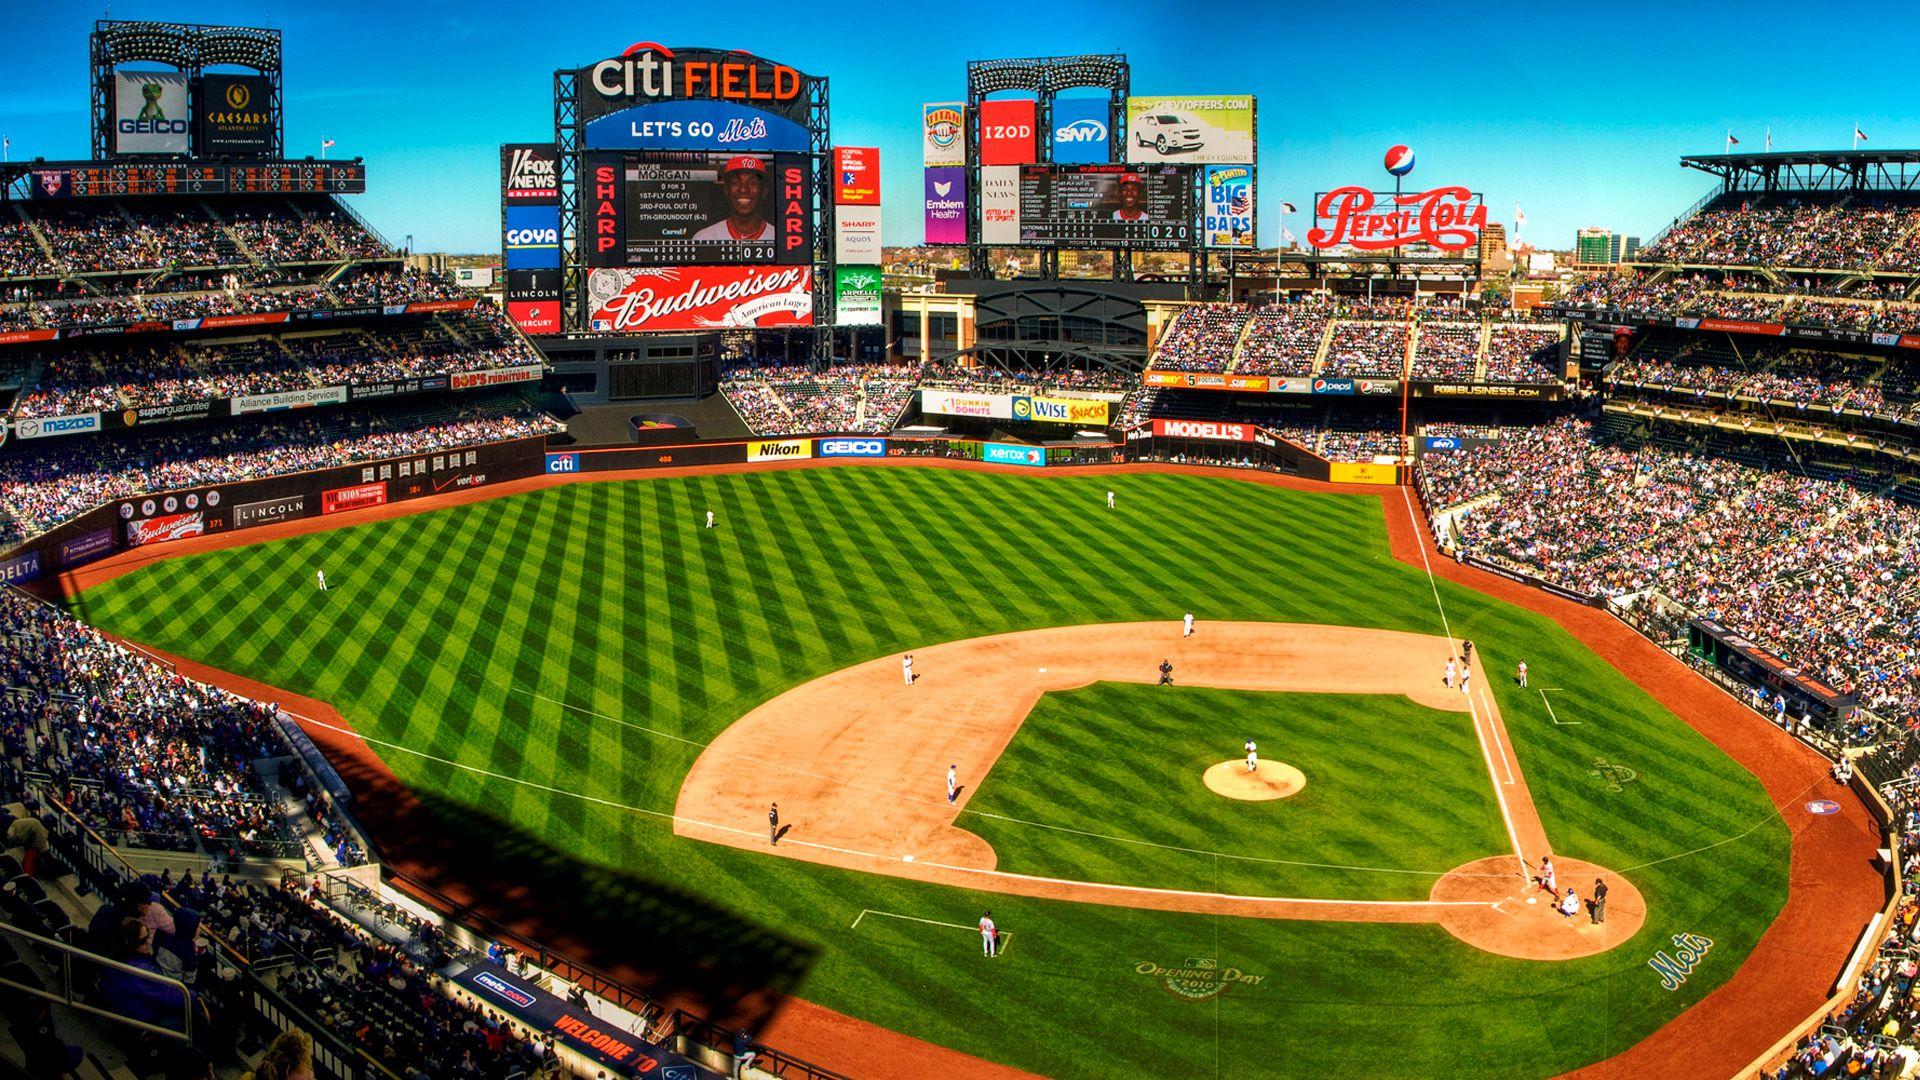 New York Mets jpg